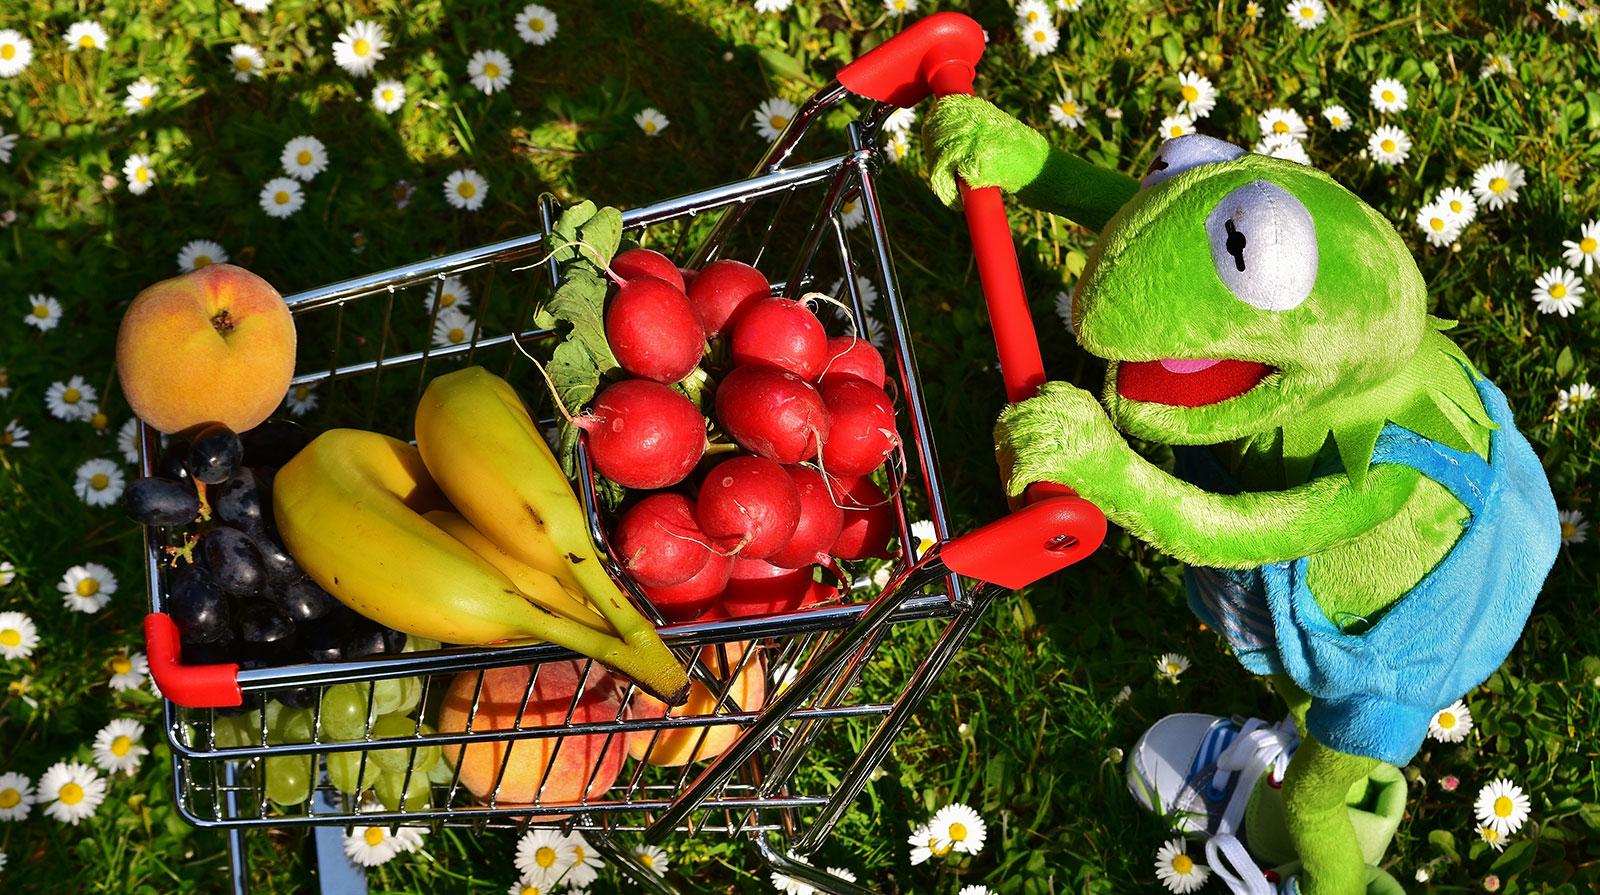 Obst und Gemüse essen können Kinder lernen